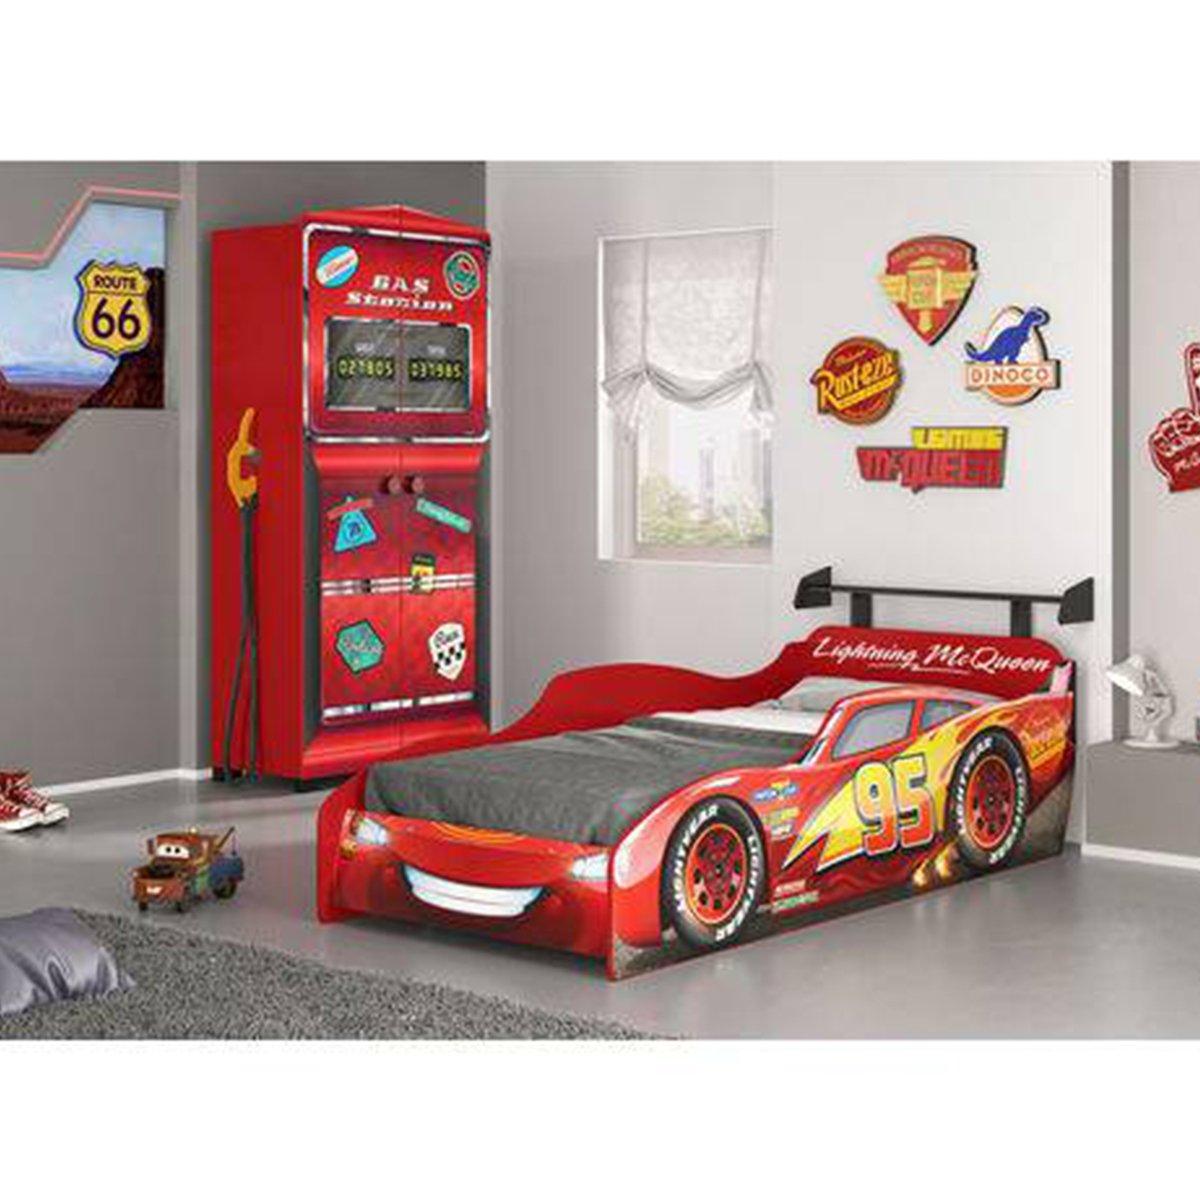 Imagem - Jogo de Quarto Infantil Carro Star Disney e Guarda Roupa Gas Station Pura Magia cód: 36455